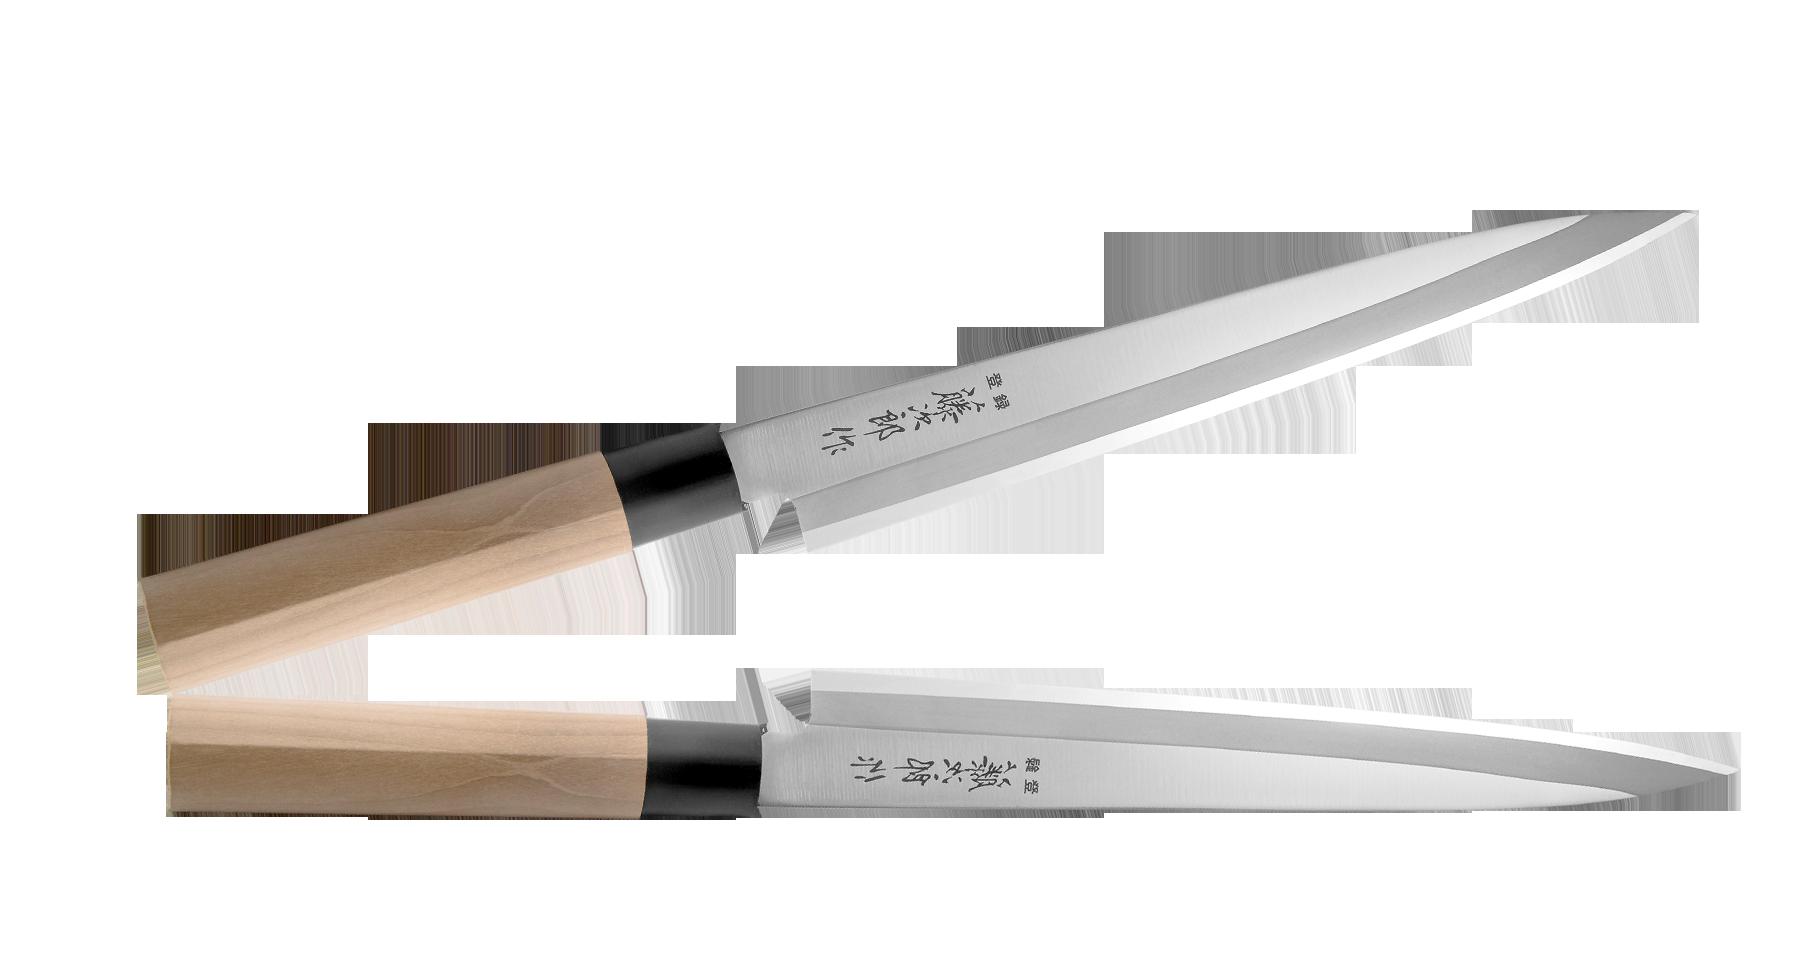 Нож Янаги Japanese Knife 260 мм, сталь AUS-8, TojiroTojiro<br>Нож Янаги Japanese Knife 260 мм, сталь AUS-8<br>